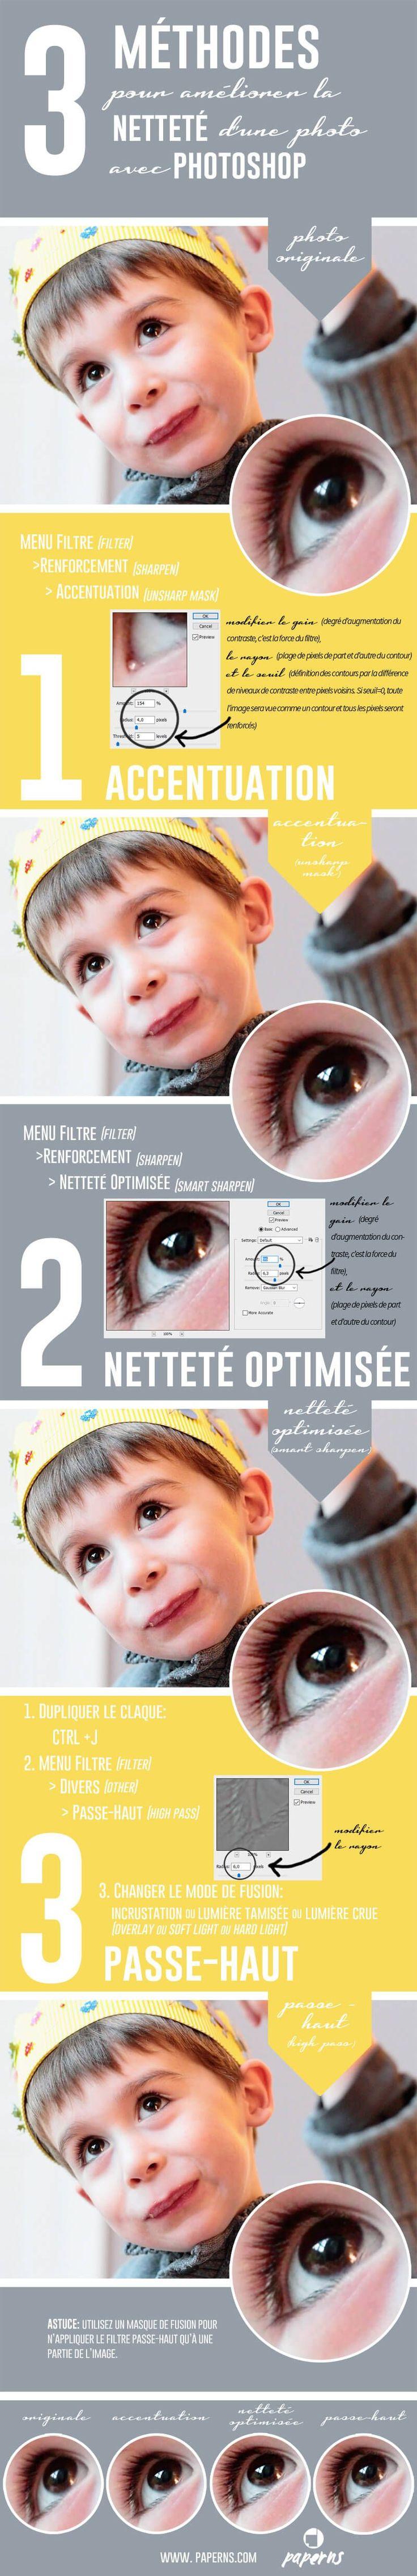 Découvrez 3 méthodes pour améliorer facilement et rapidement la netteté de vos photos avec photoshop